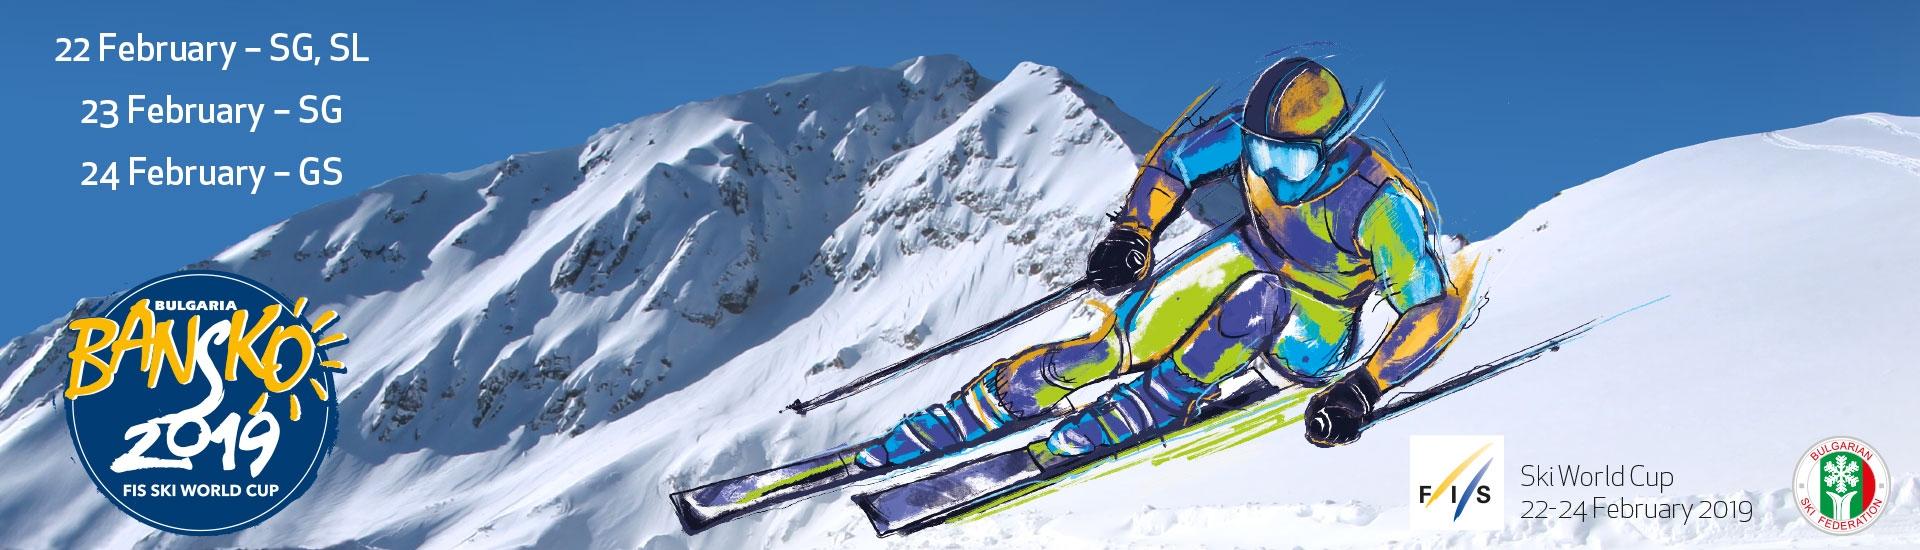 Ски зона Банско влиза в историята, като първата в която